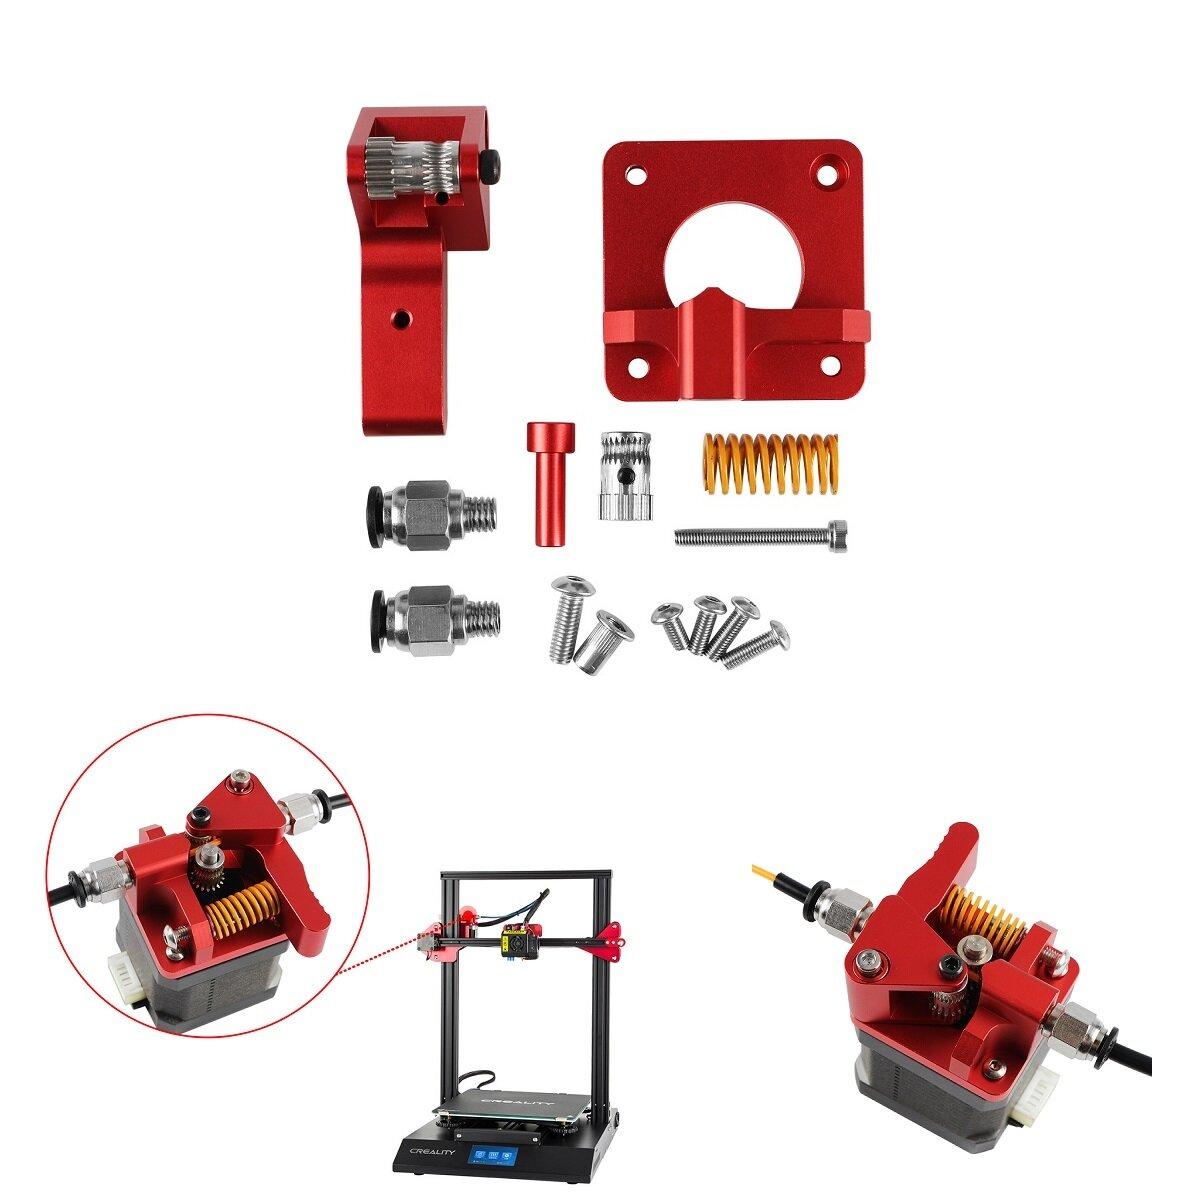 Yükseltilmiş Alüminyum Çift Dişli Kasnak Çift Sürücü Extruder Kit Creality CR-10/CR-10S/CR-10S Pro/Ender-3/Ender-3 Pro 3D Yazıcı